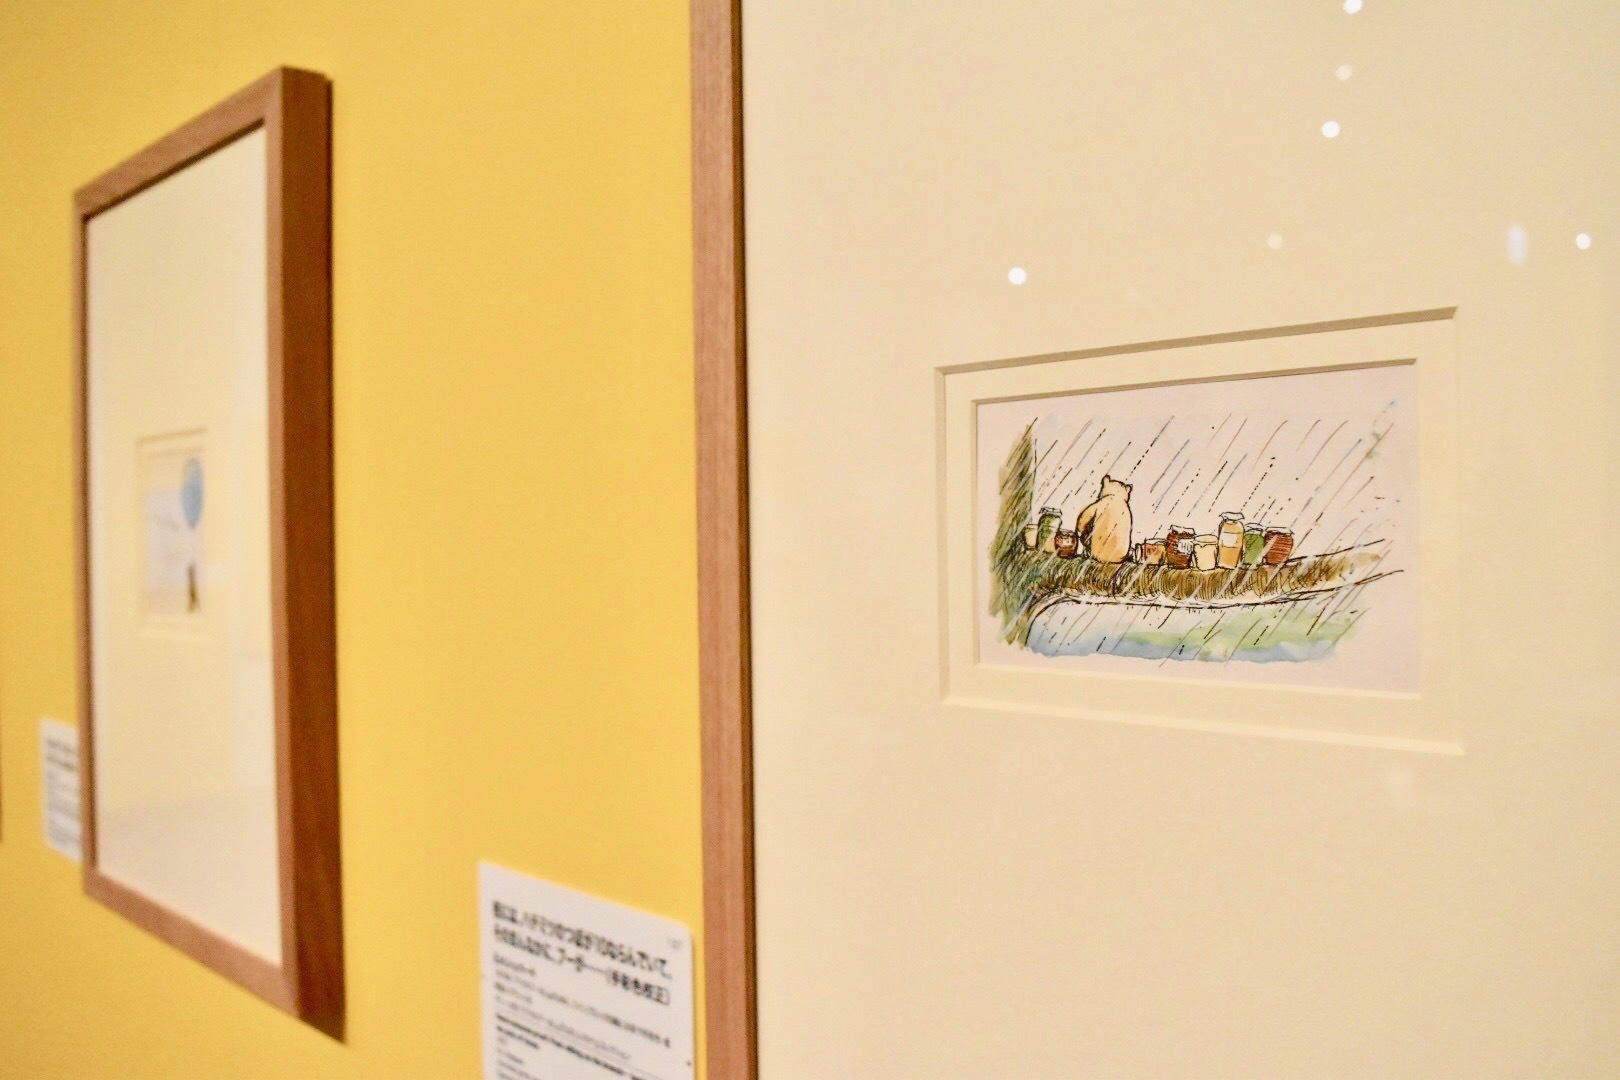 E.H.シェパード 枝には、ハチミツのつぼが10ならんでいて、そのまんなかに、プーが……(手彩色校正) 1970年 サリー大学、『クマのプーさん』『たのしい川べ』コレクション